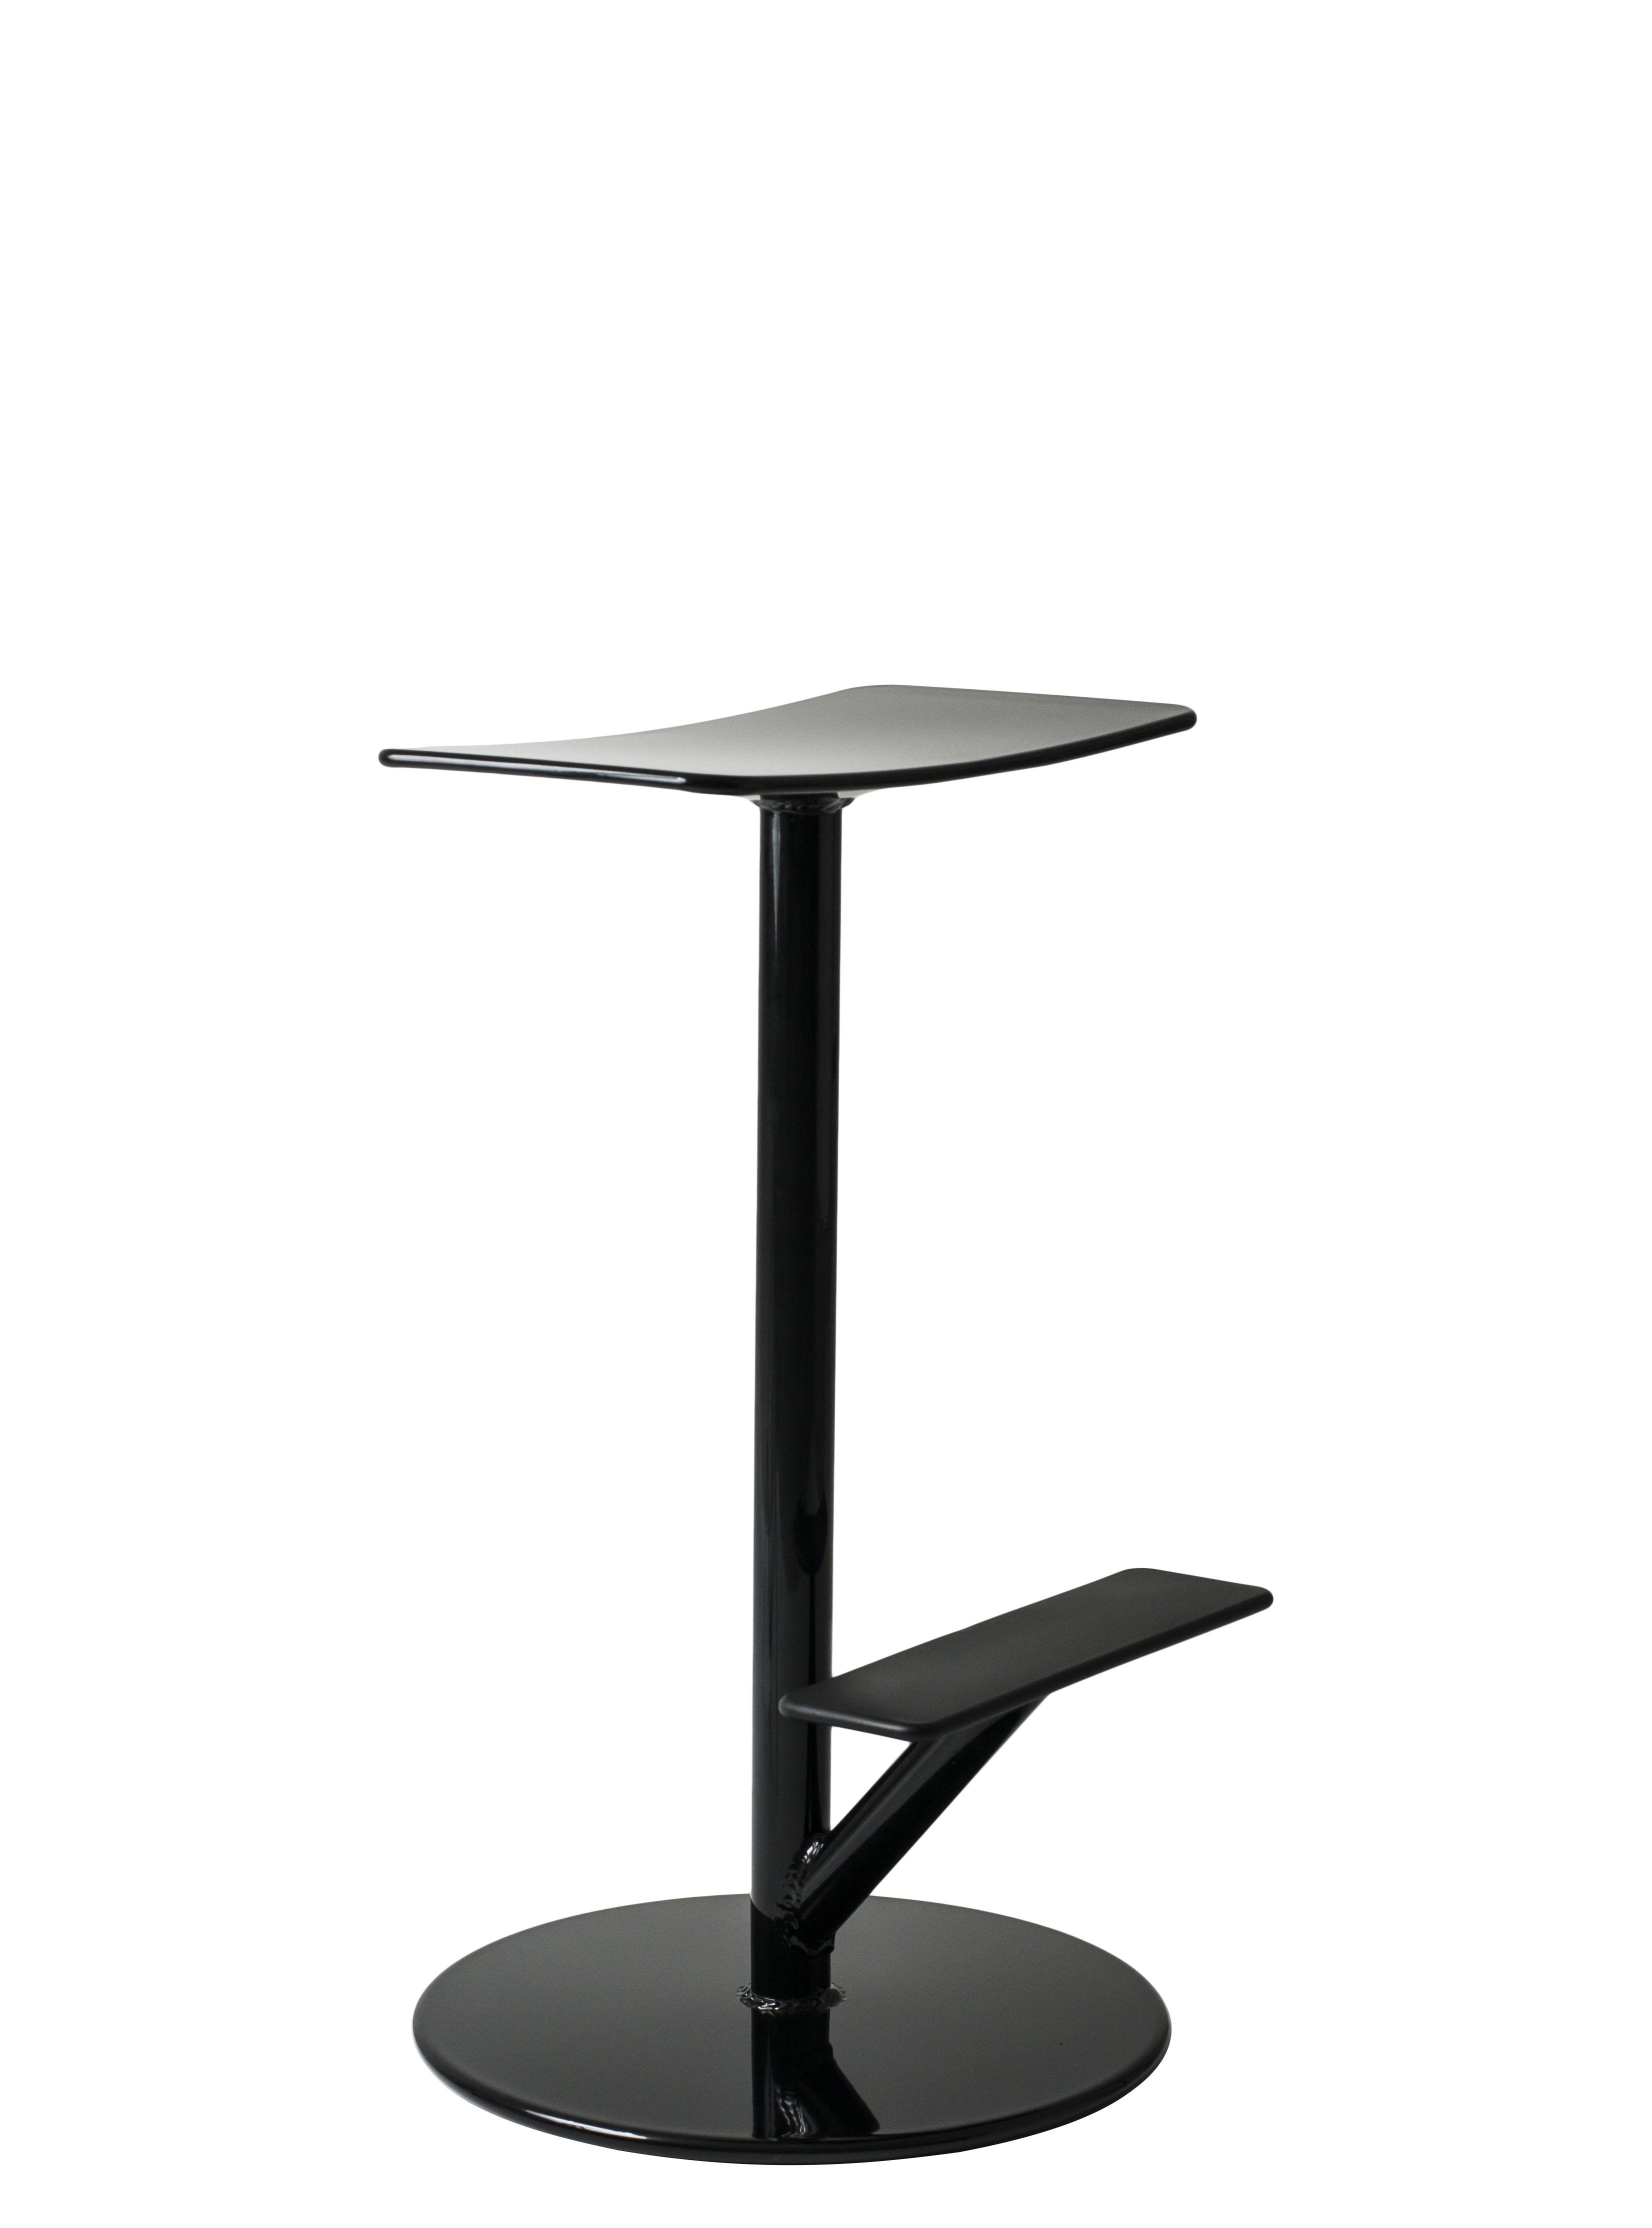 Arredamento - Sgabelli da bar  - Sgabello alto Sequoia - / Metallo- H 65 cm di Magis - Nero opaco - Acciaio